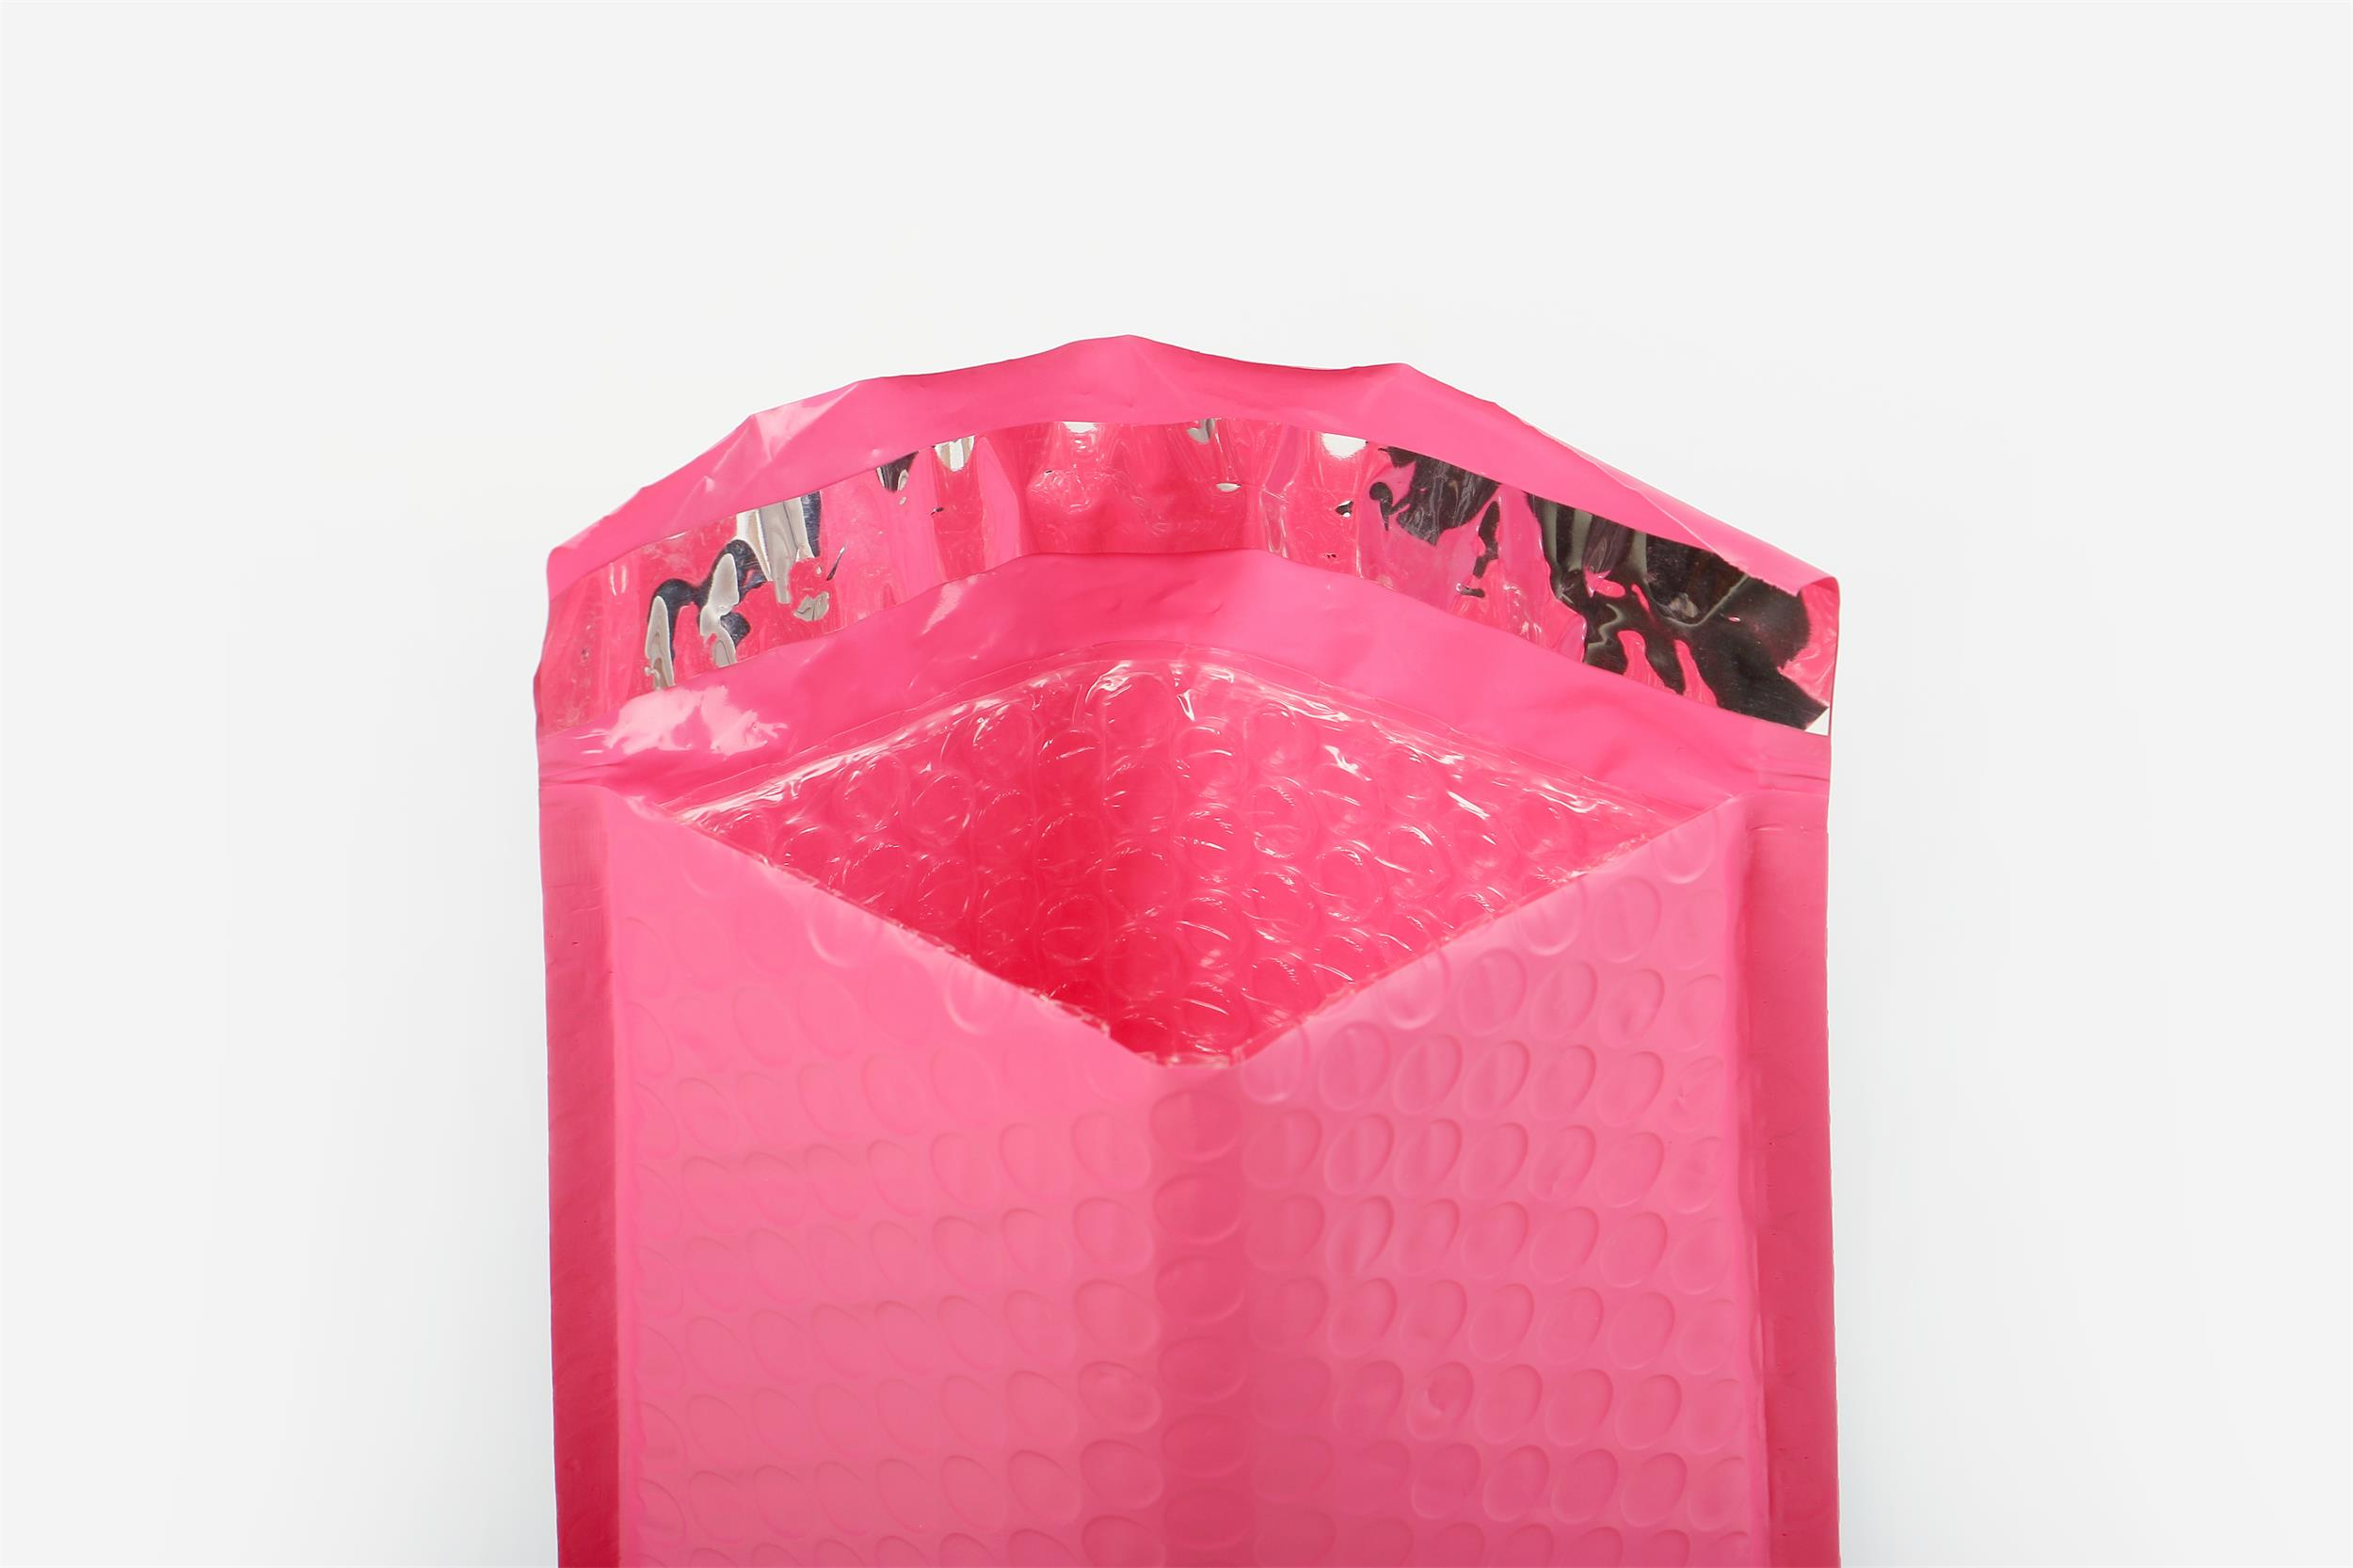 福建快递袋定制具有哪些商业价值|世泉顺塑料